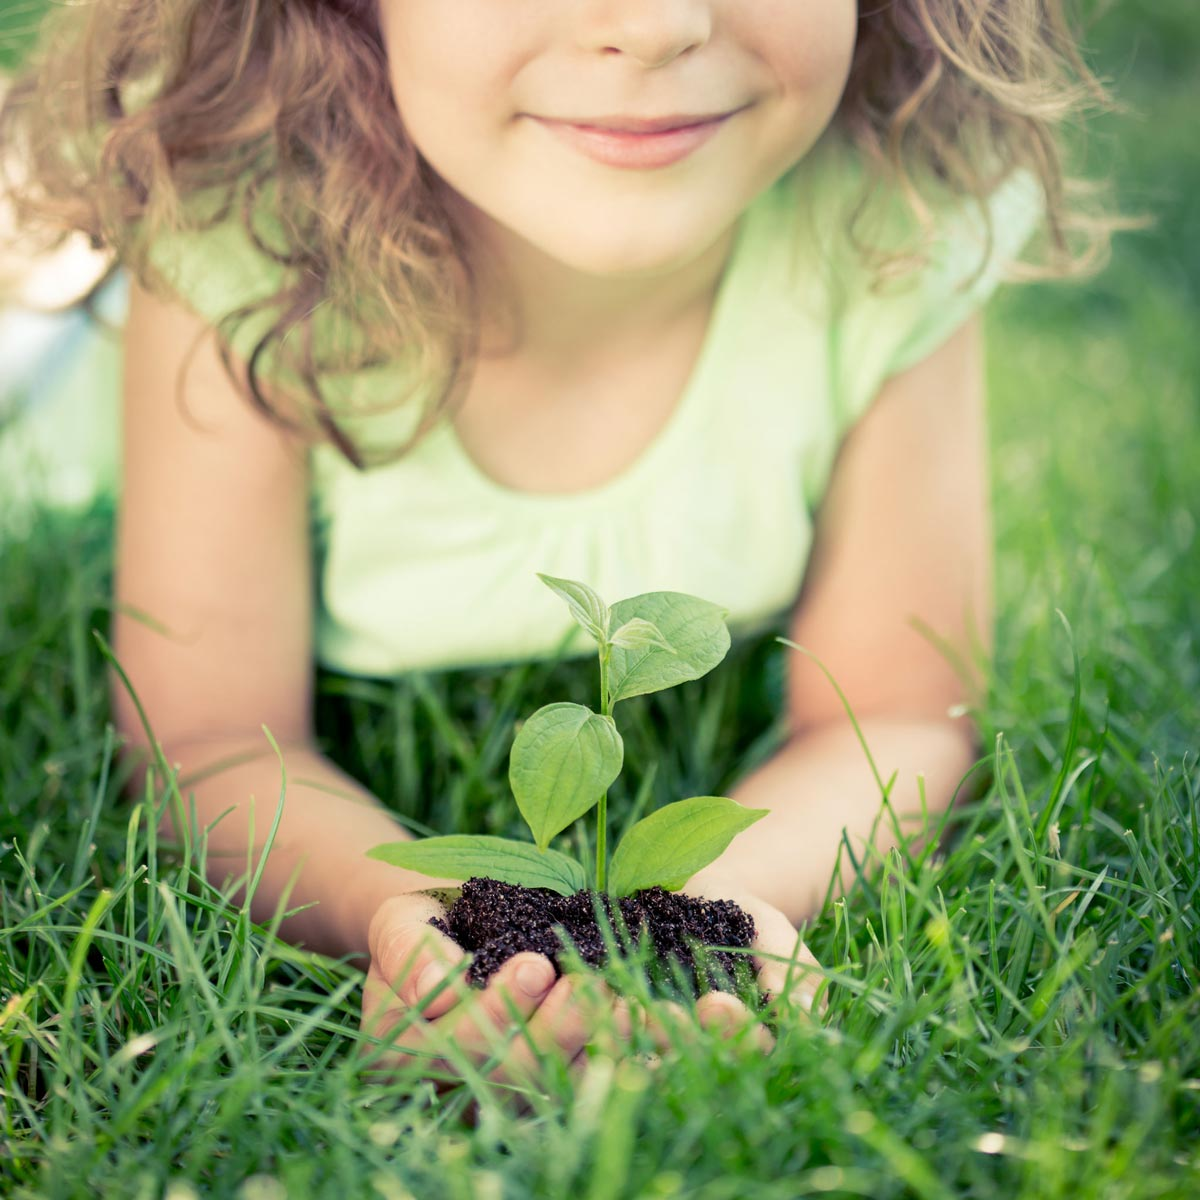 Giochi con bambini per proteggere l'ambiente